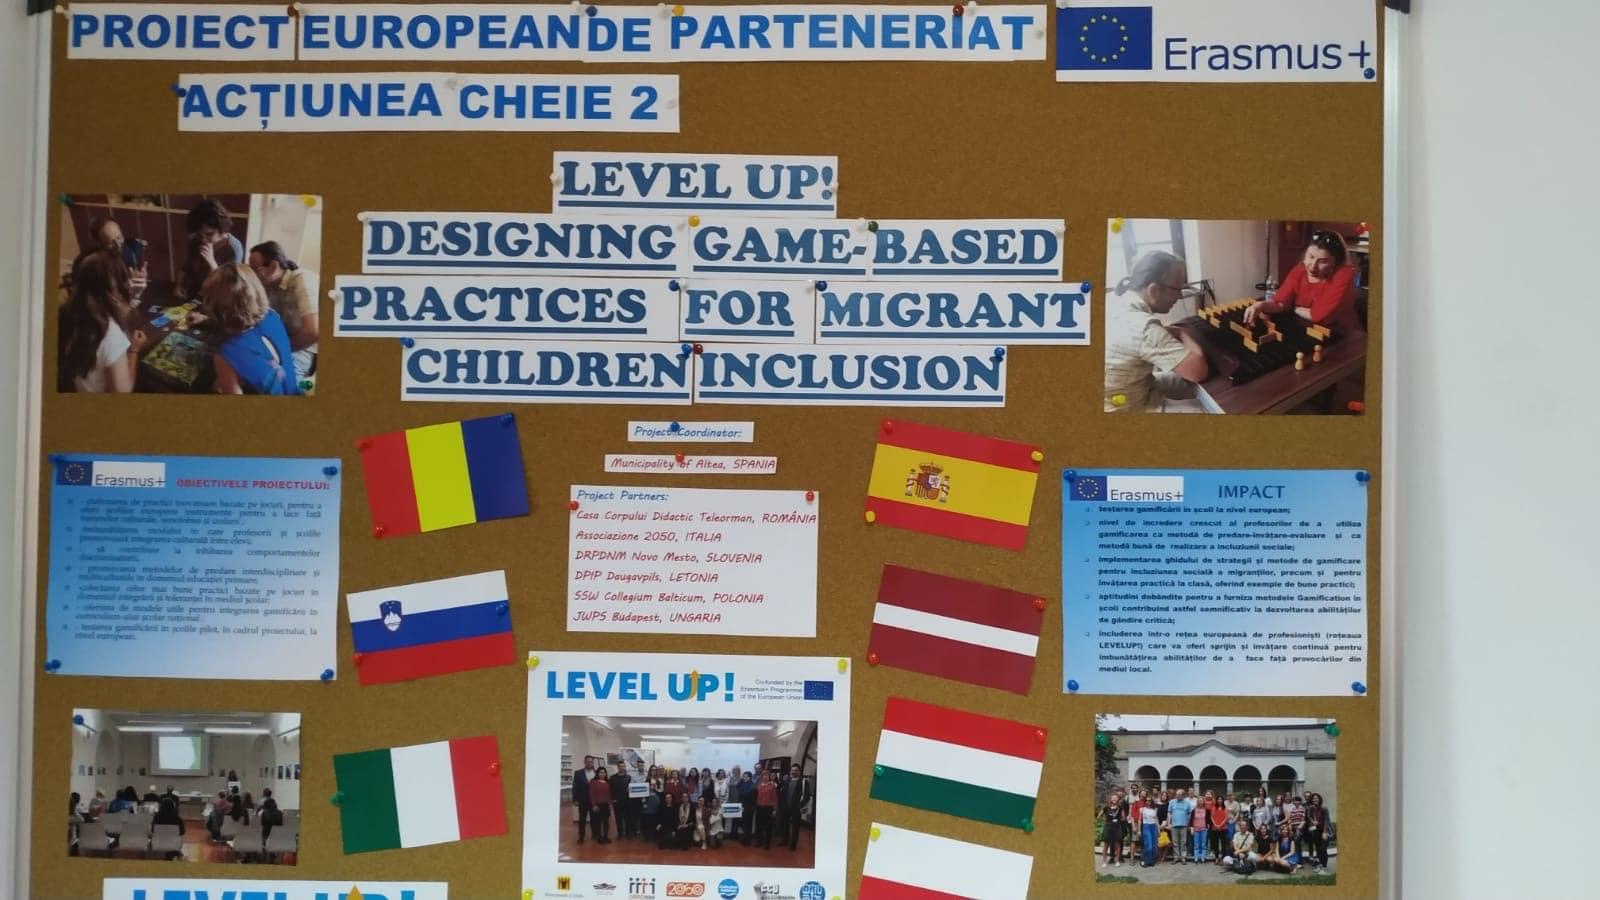 LEVEL UP – projekt za socialno vključenost otrok migrantov v šolah